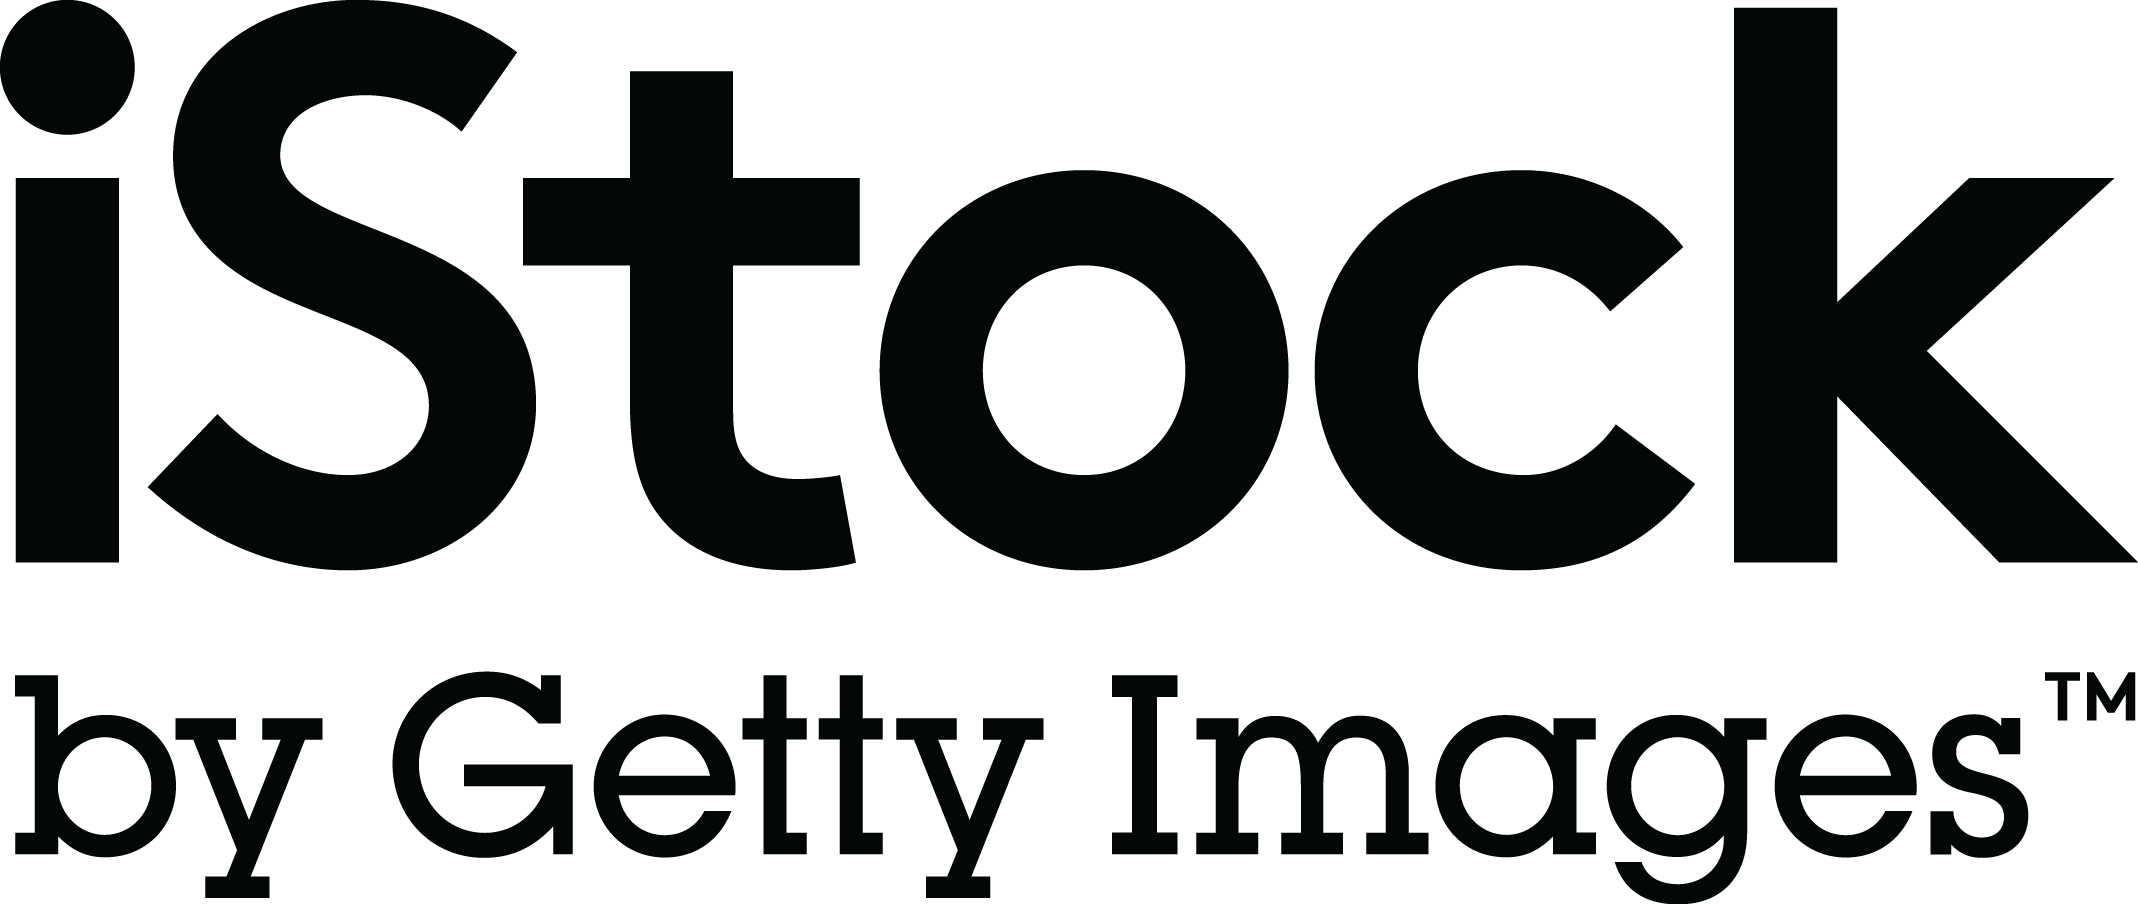 Logotipo de iStock